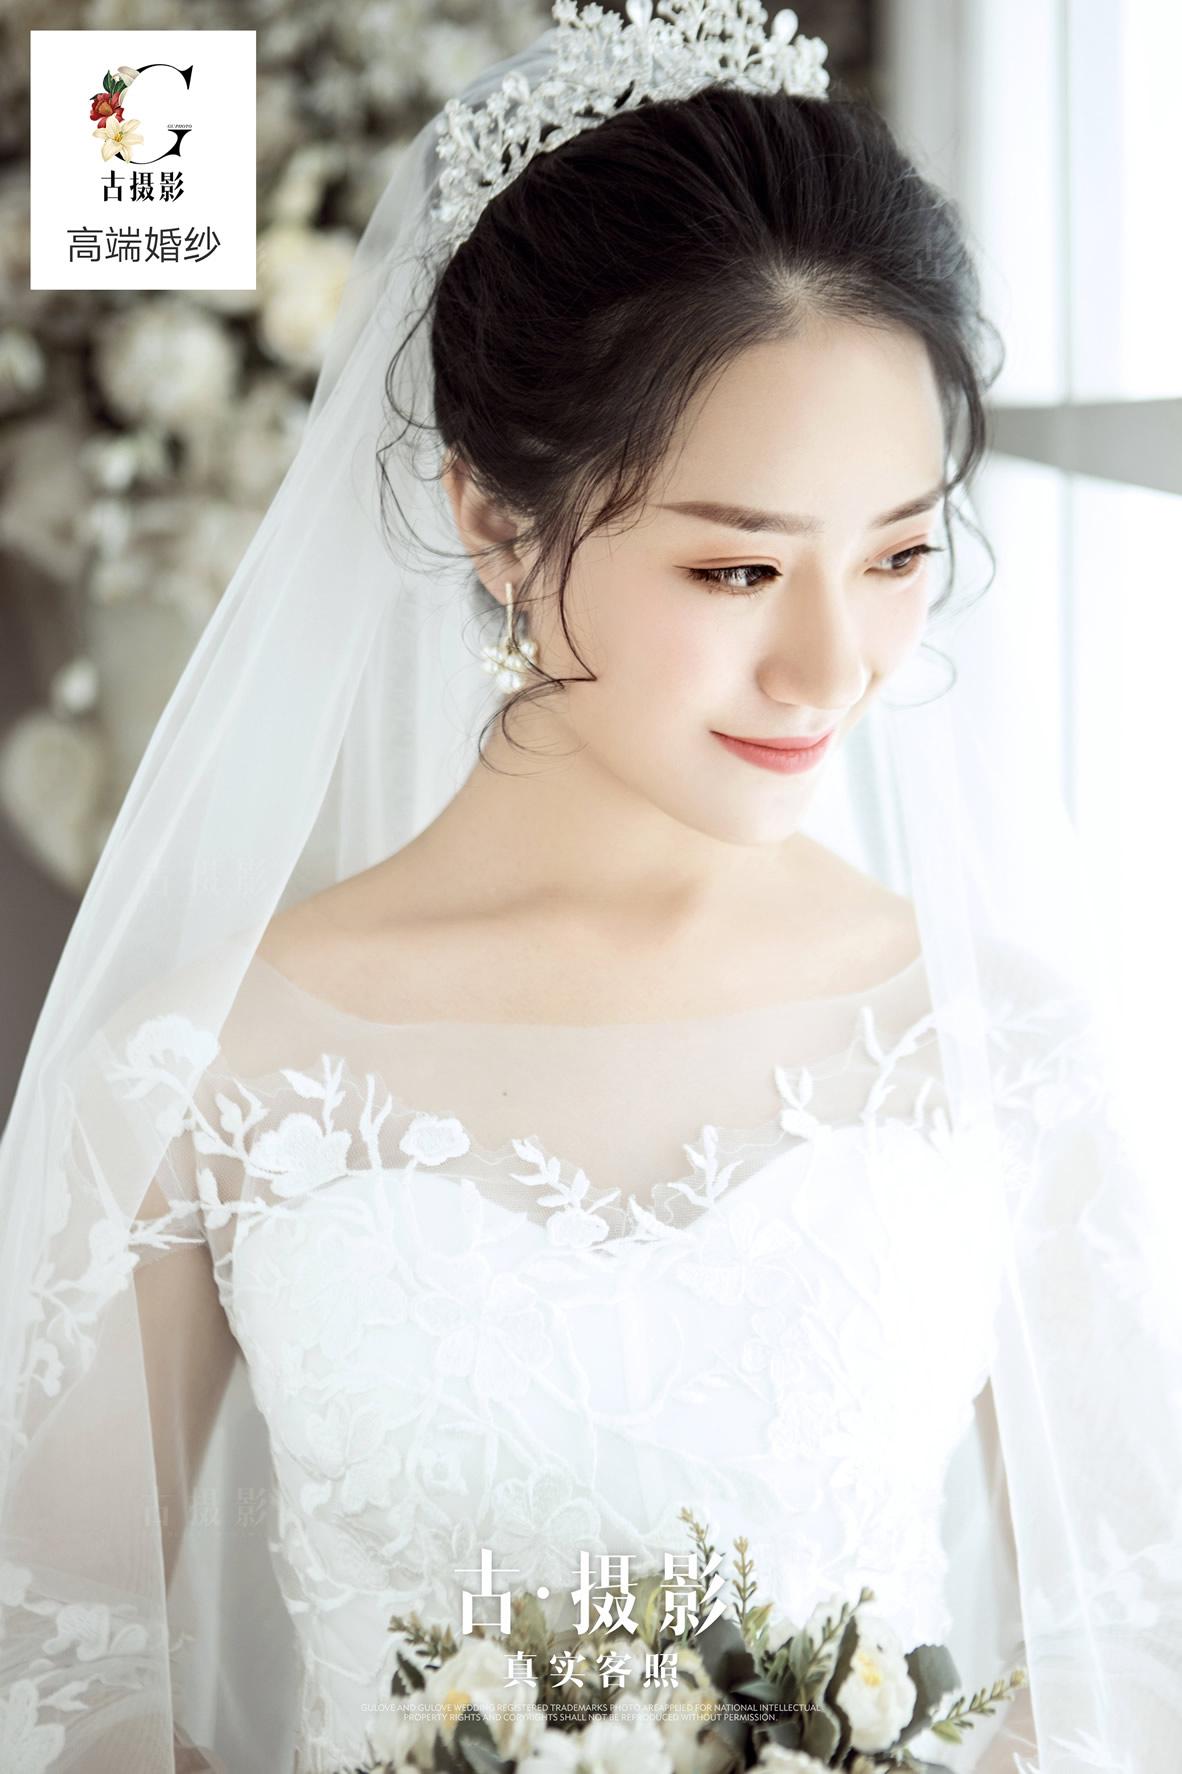 2月17日客片张先生 李小姐 - 每日客照 - love昆明古摄影-昆明婚纱摄影网